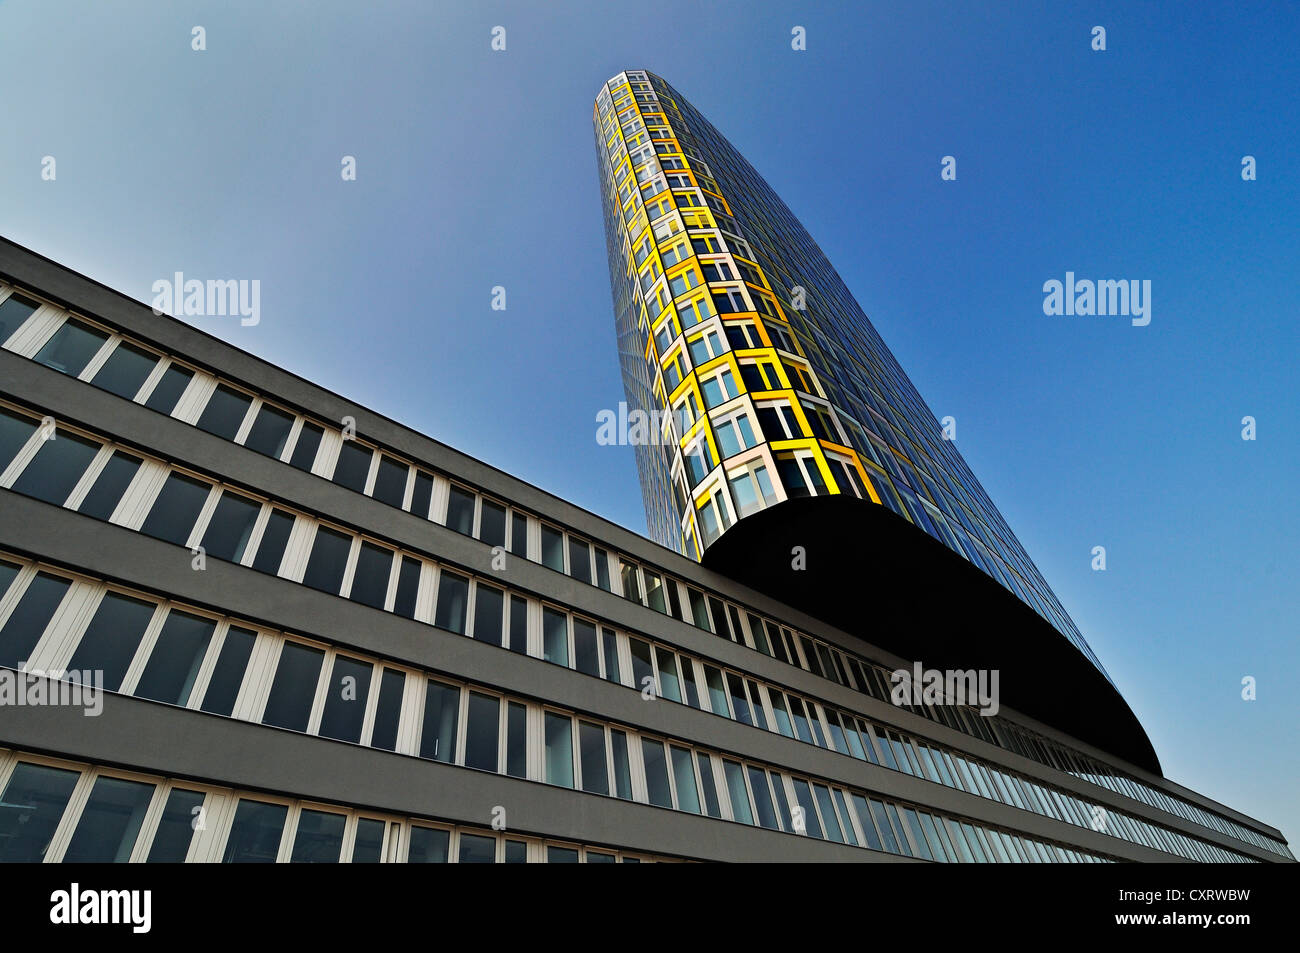 Der neue ADAC-zentrale, Deutsche Automobilclub, Hansastraße Straße 23-25, München, Bayern, Deutschland, Stockbild